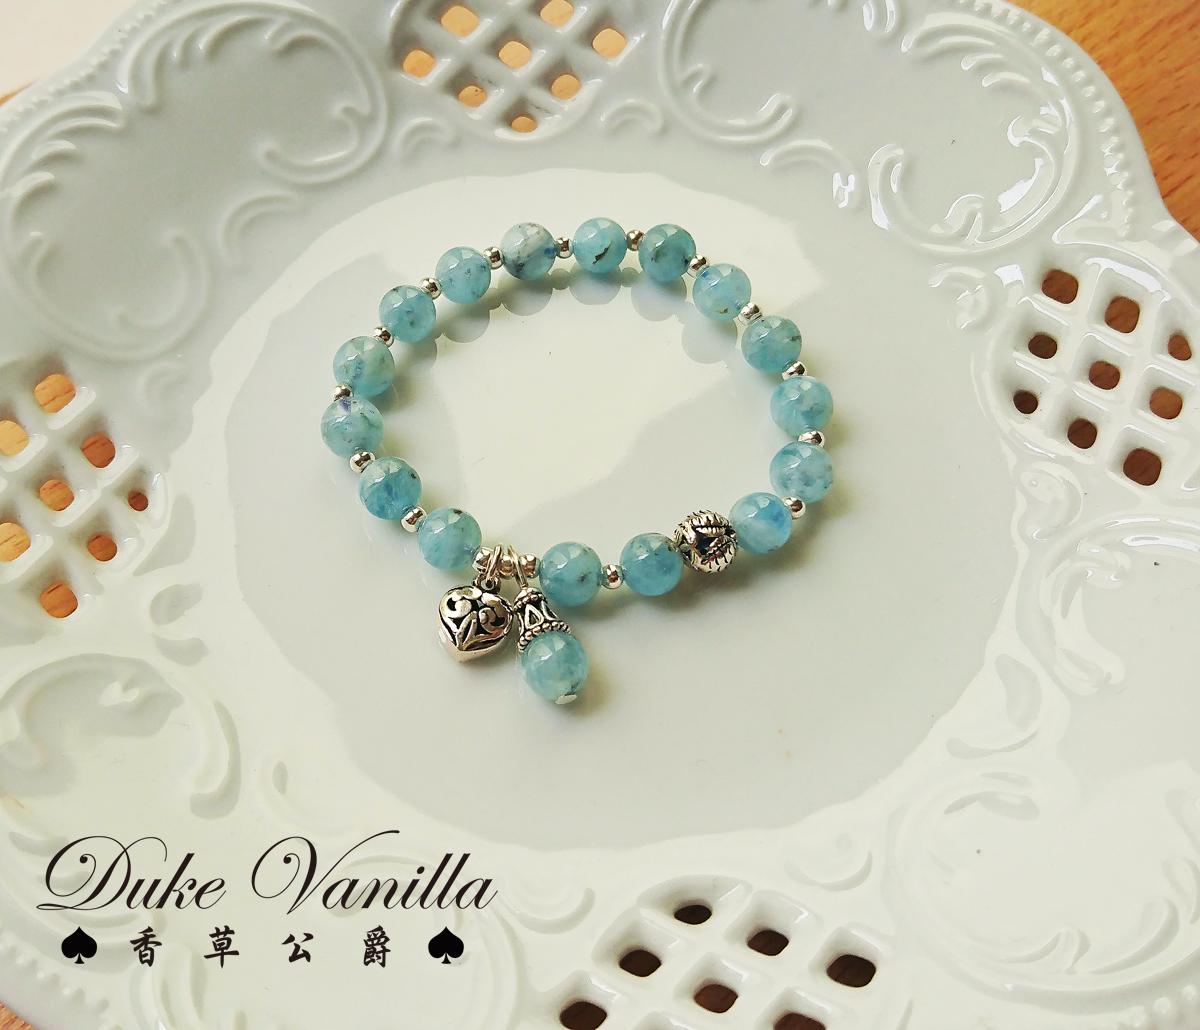 人魚公主的嘆息*海水藍寶 925純銀手環 - Duke Vanilla 香草公爵